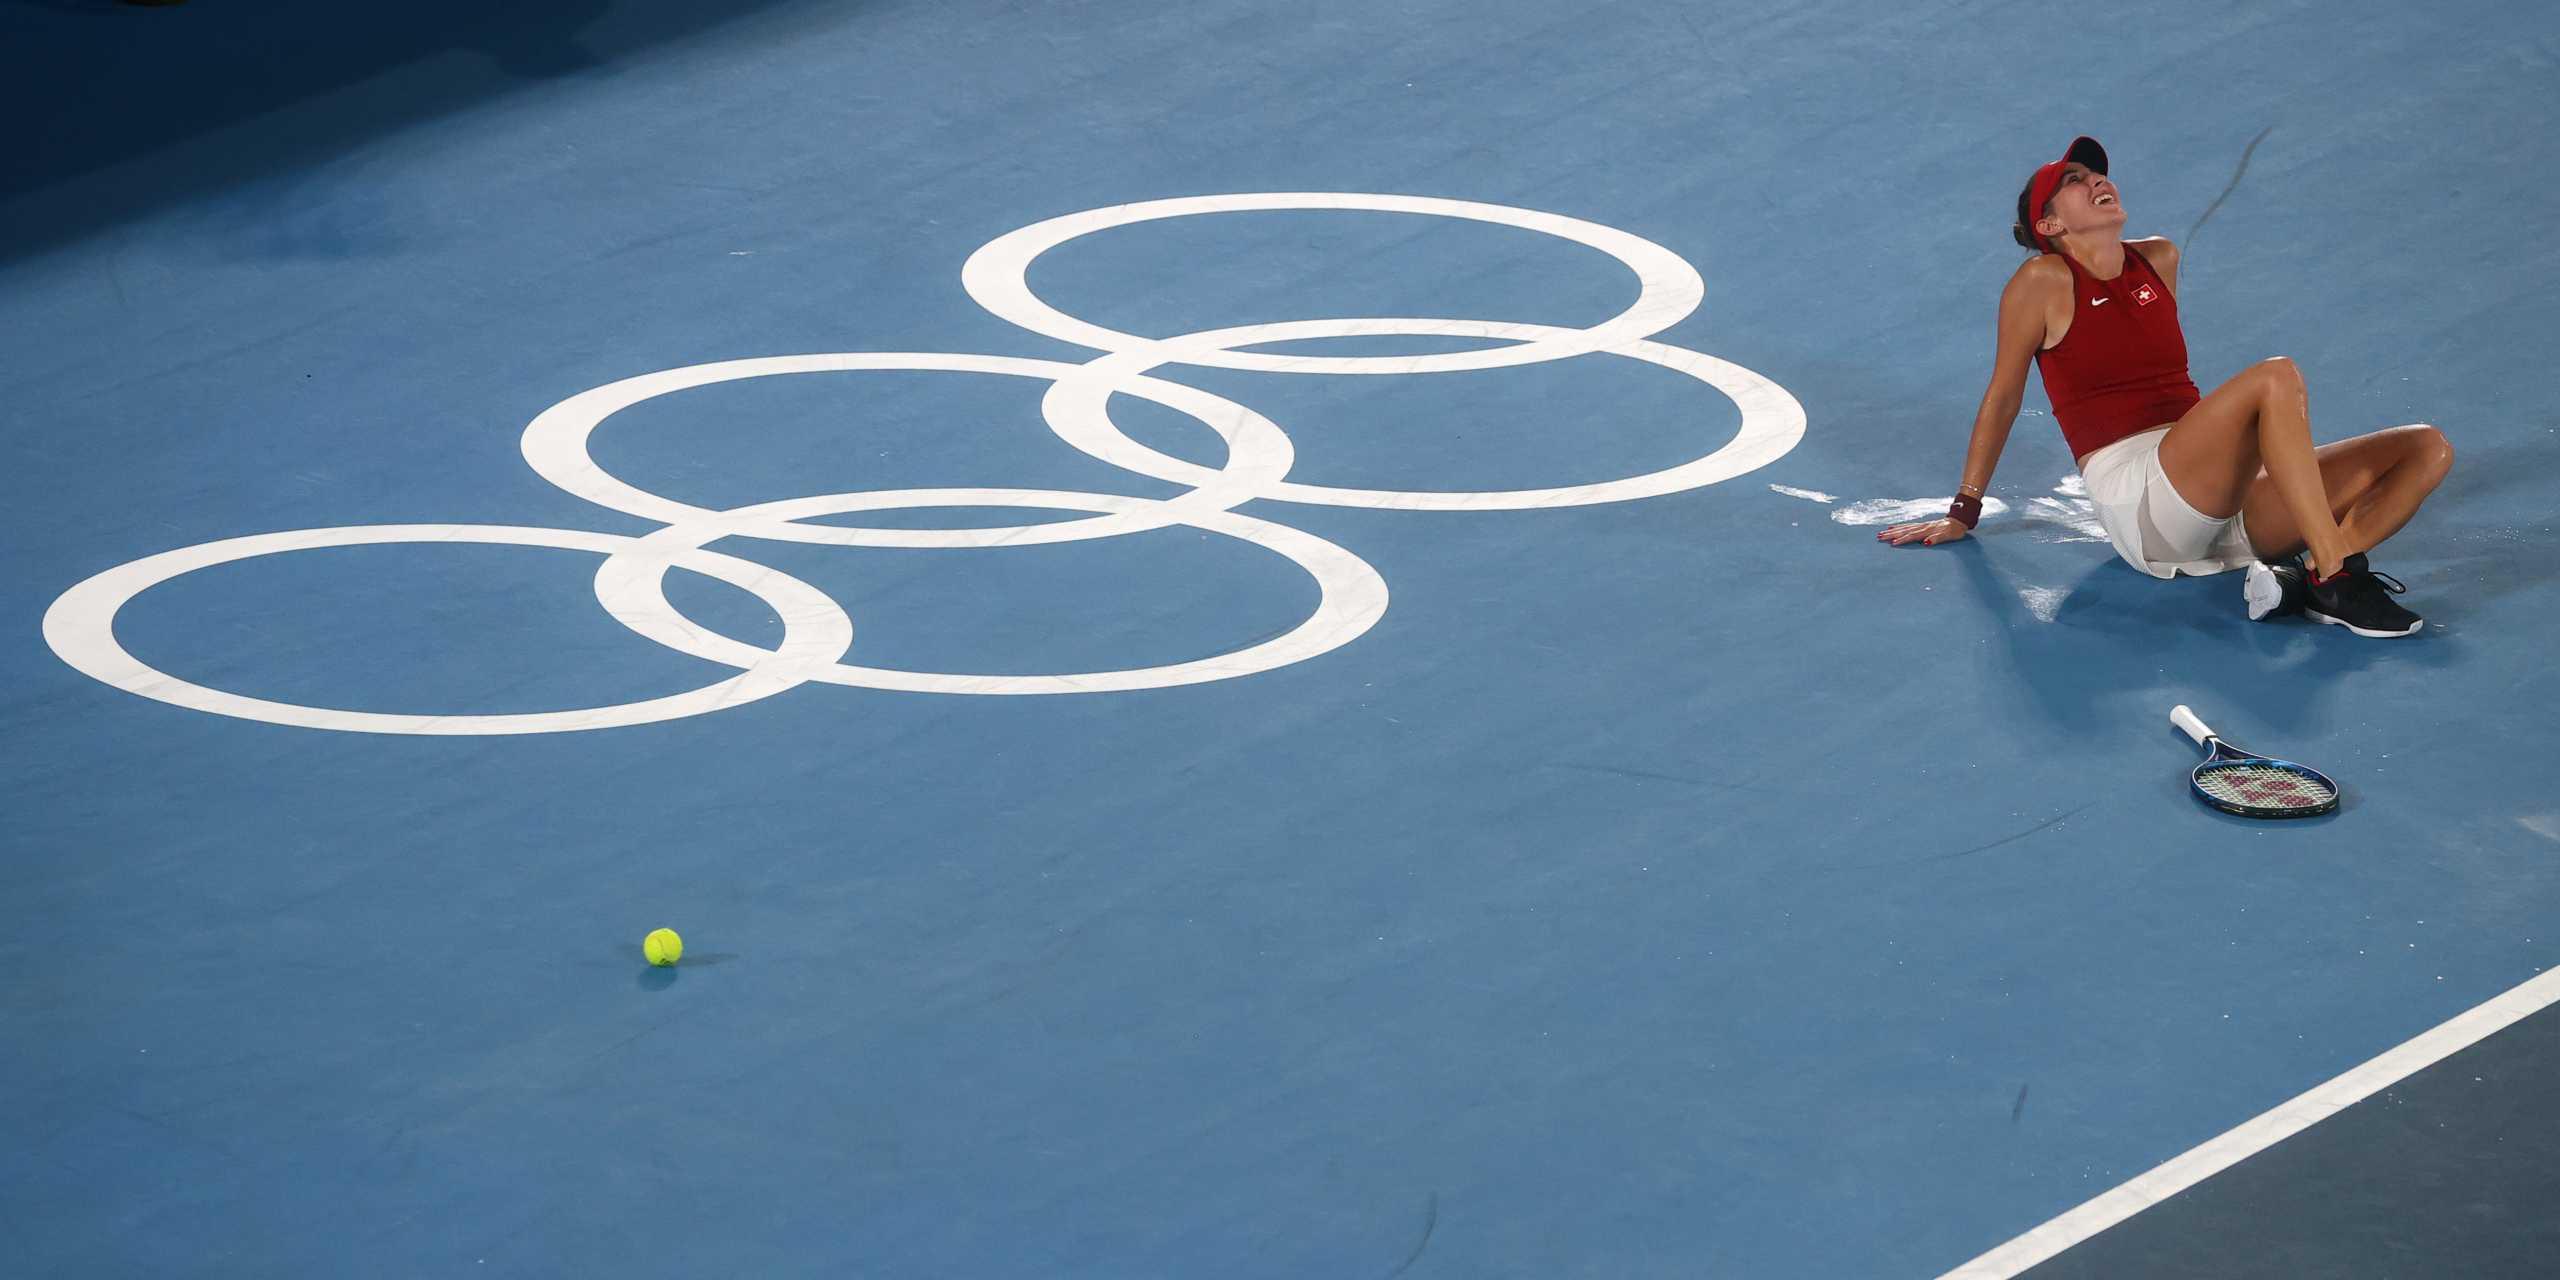 Ολυμπιακοί Αγώνες: Χρυσό μετάλλιο για την Μπέντσιτς στο τένις γυναικών